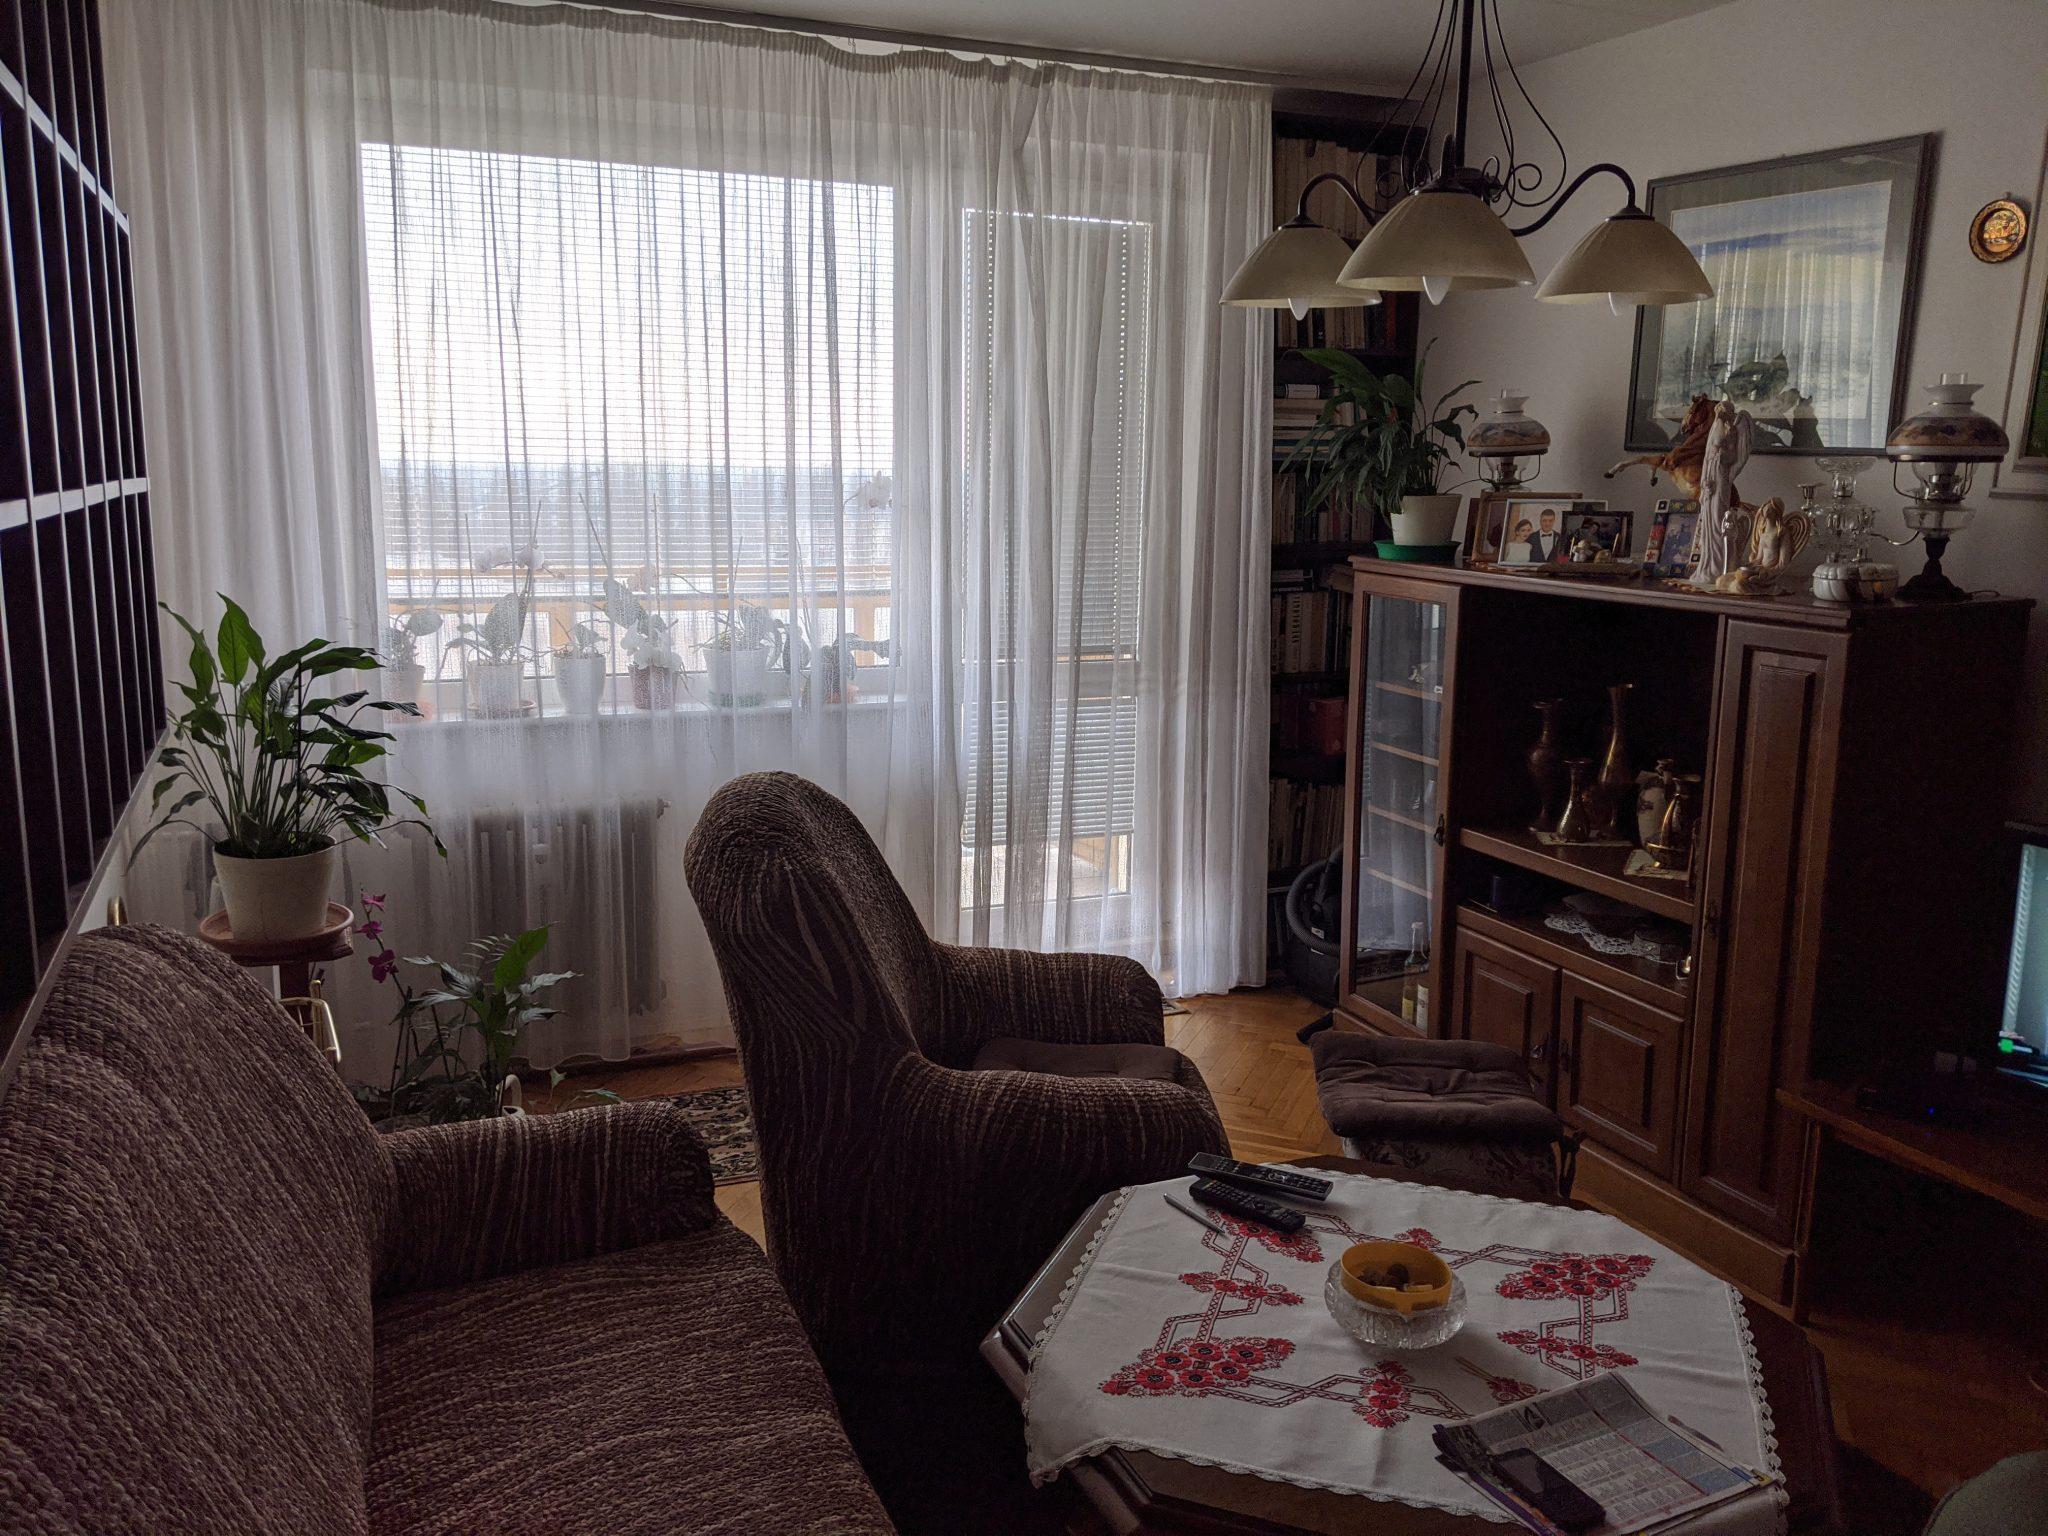 3-izbový byt, Ždiarska ulica, Košice